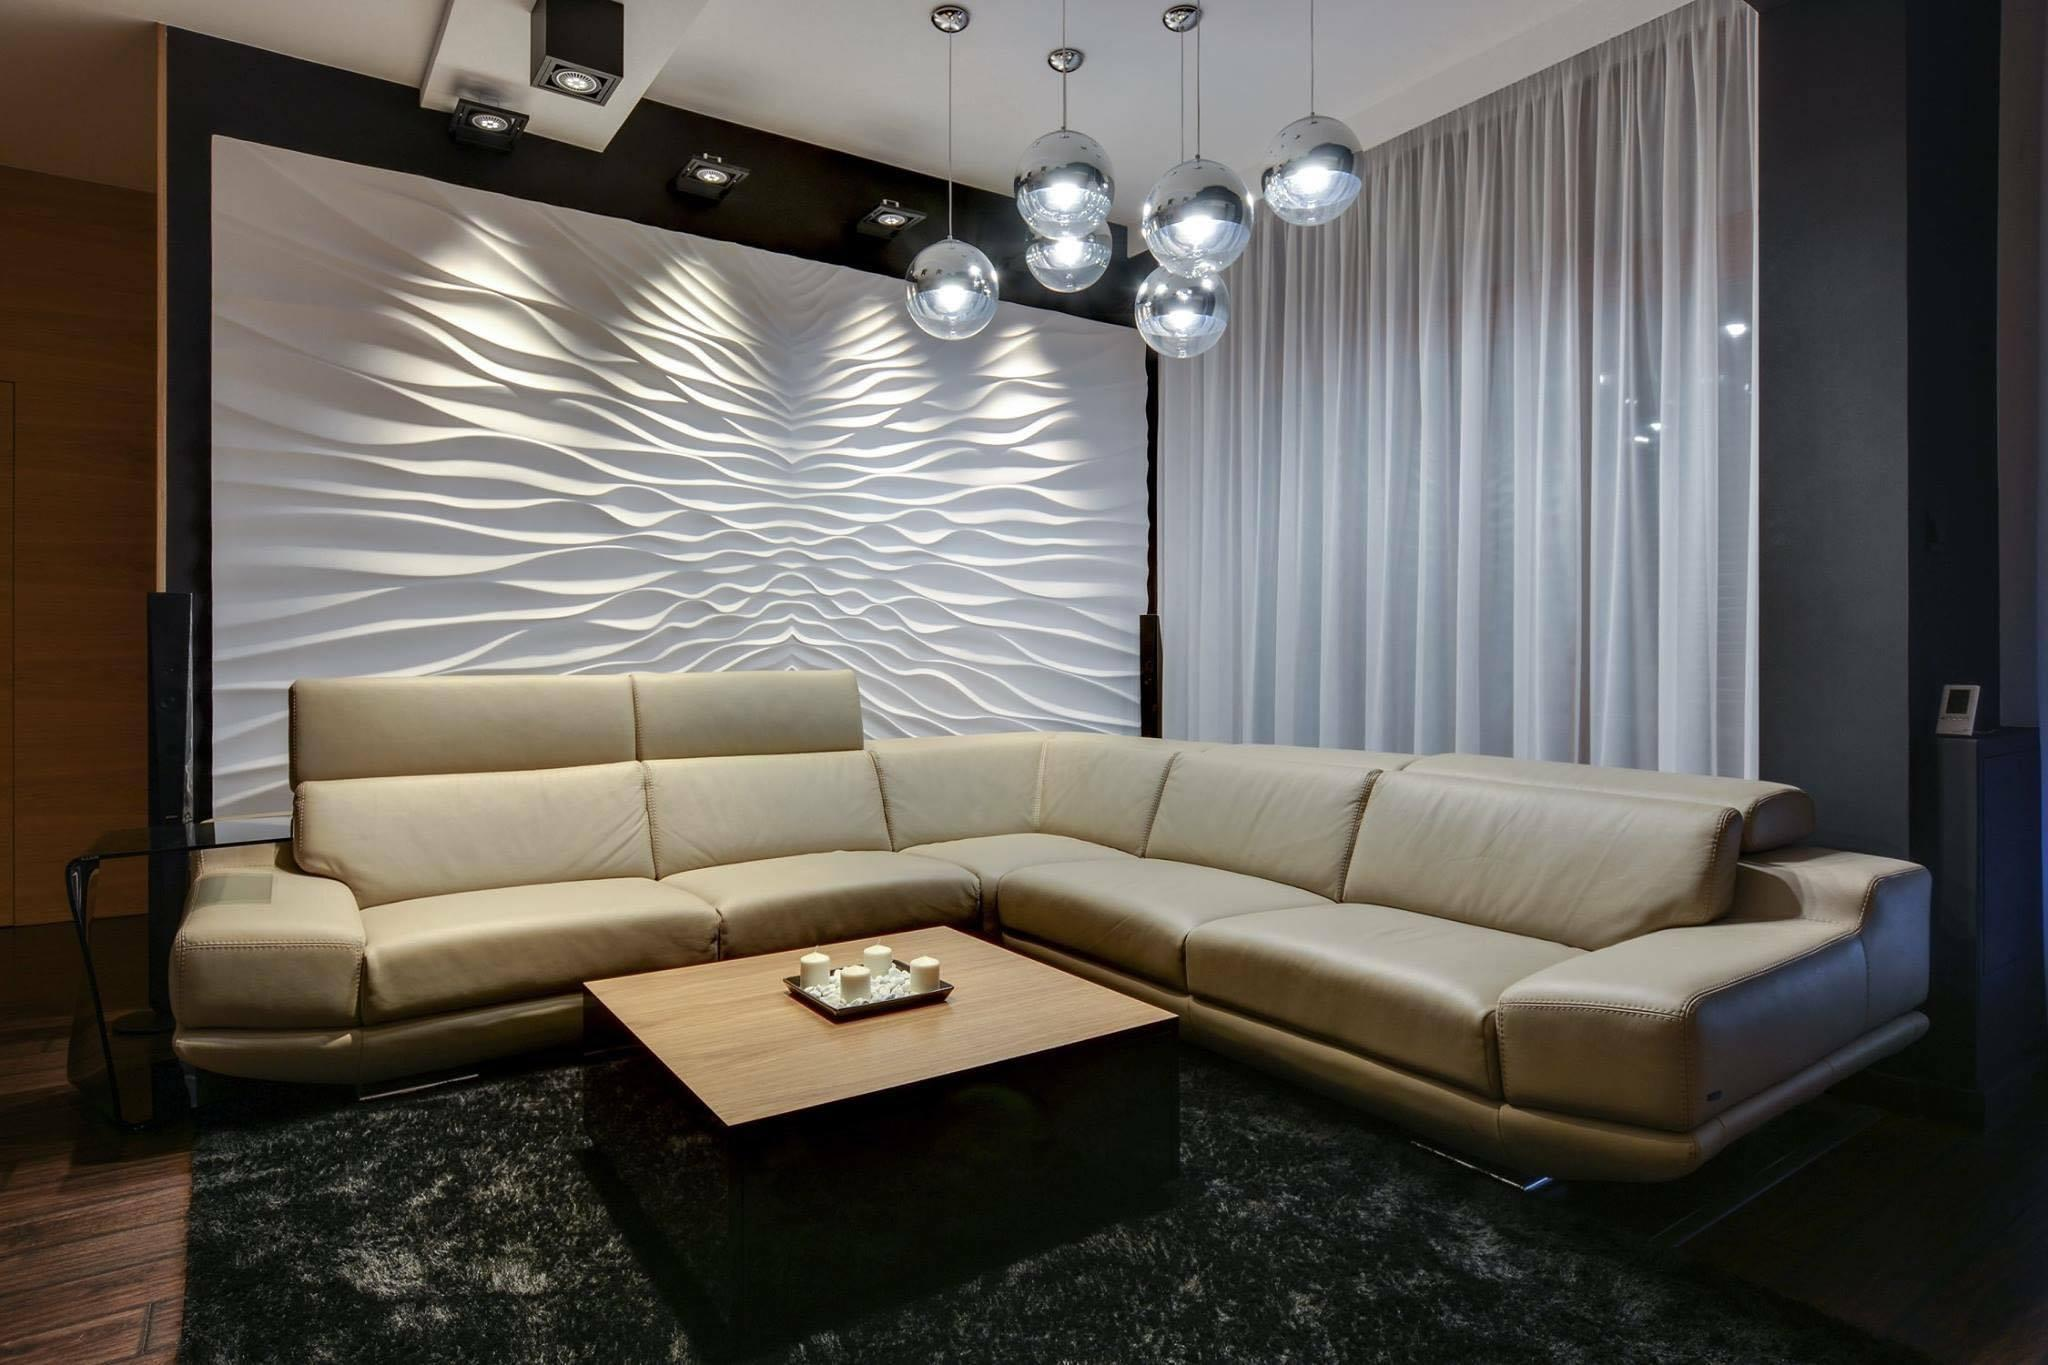 Wandverkleidung bilder ideen couchstyle for Dekorative bilder wohnzimmer